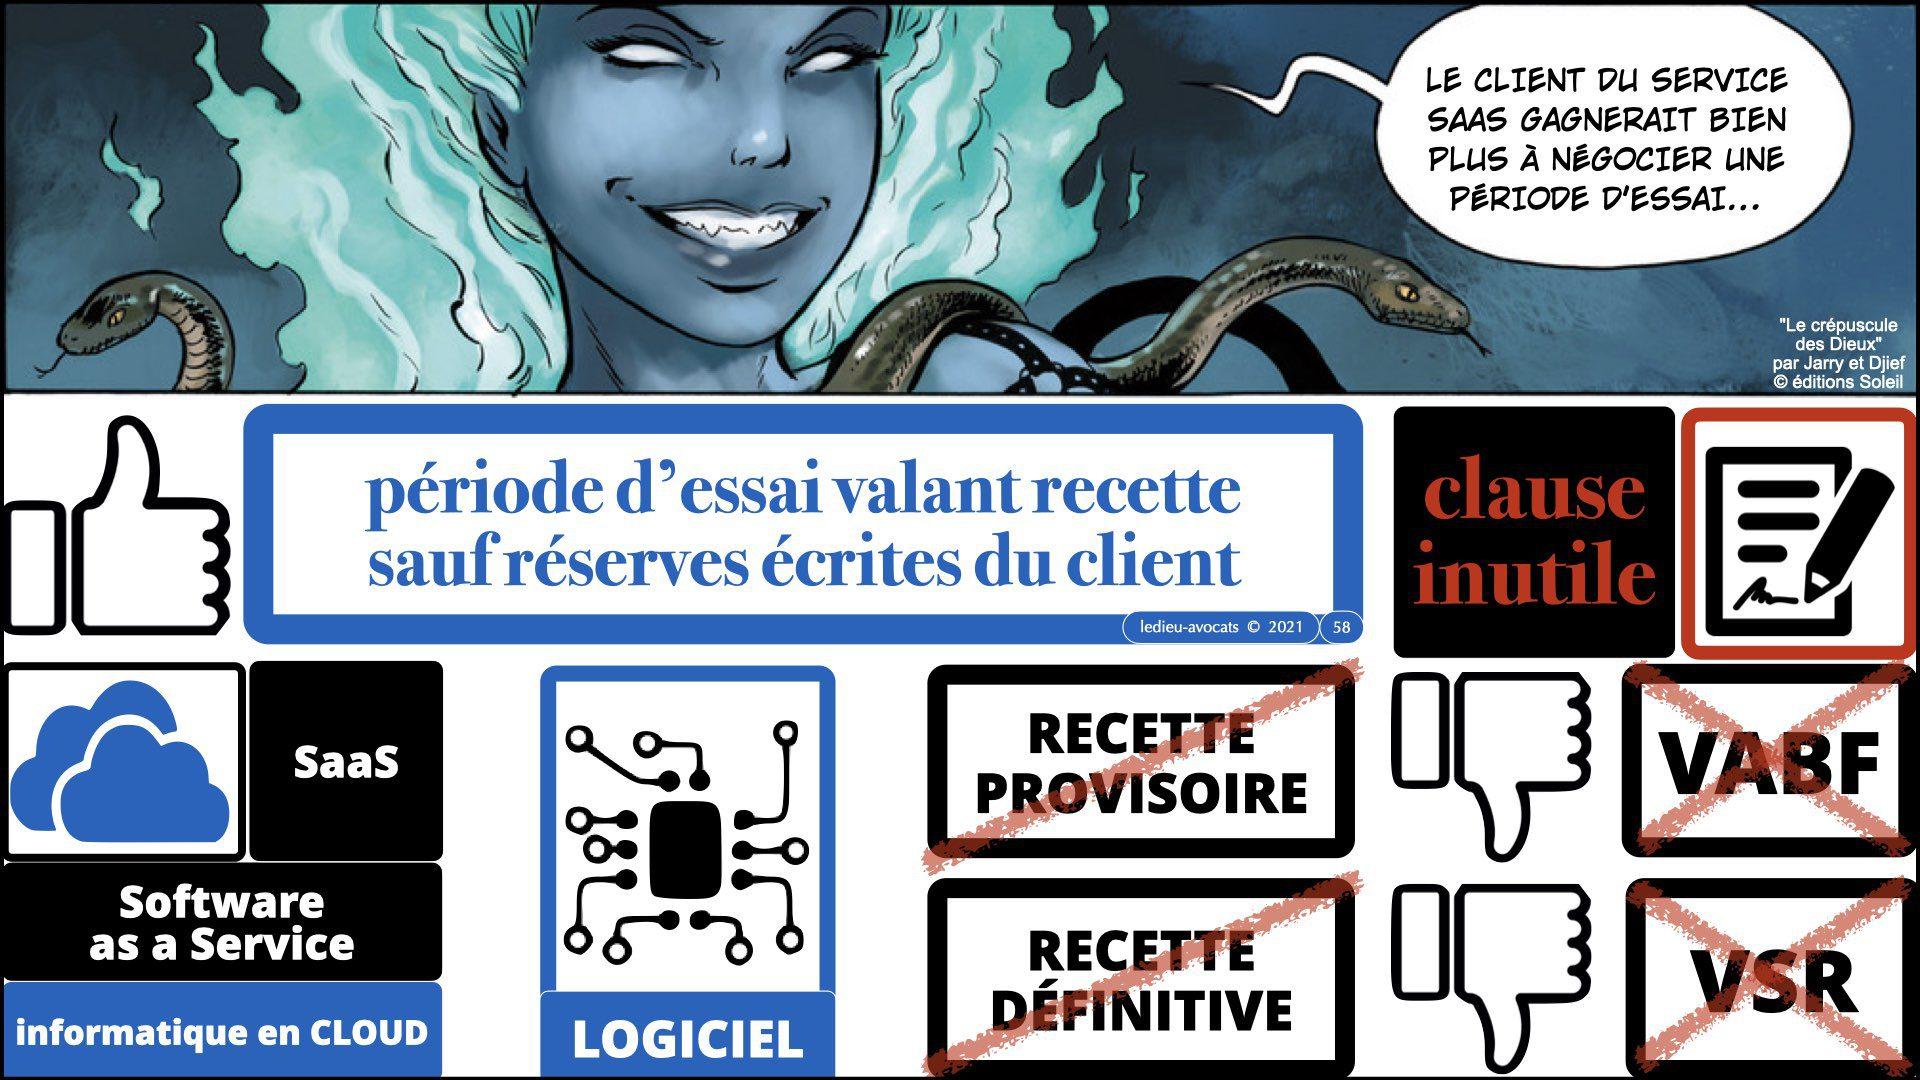 343 service LOGICIEL SaaS Software-as-a-Service cloud computing © Ledieu-Avocats technique droit numerique 30-08-2021.058